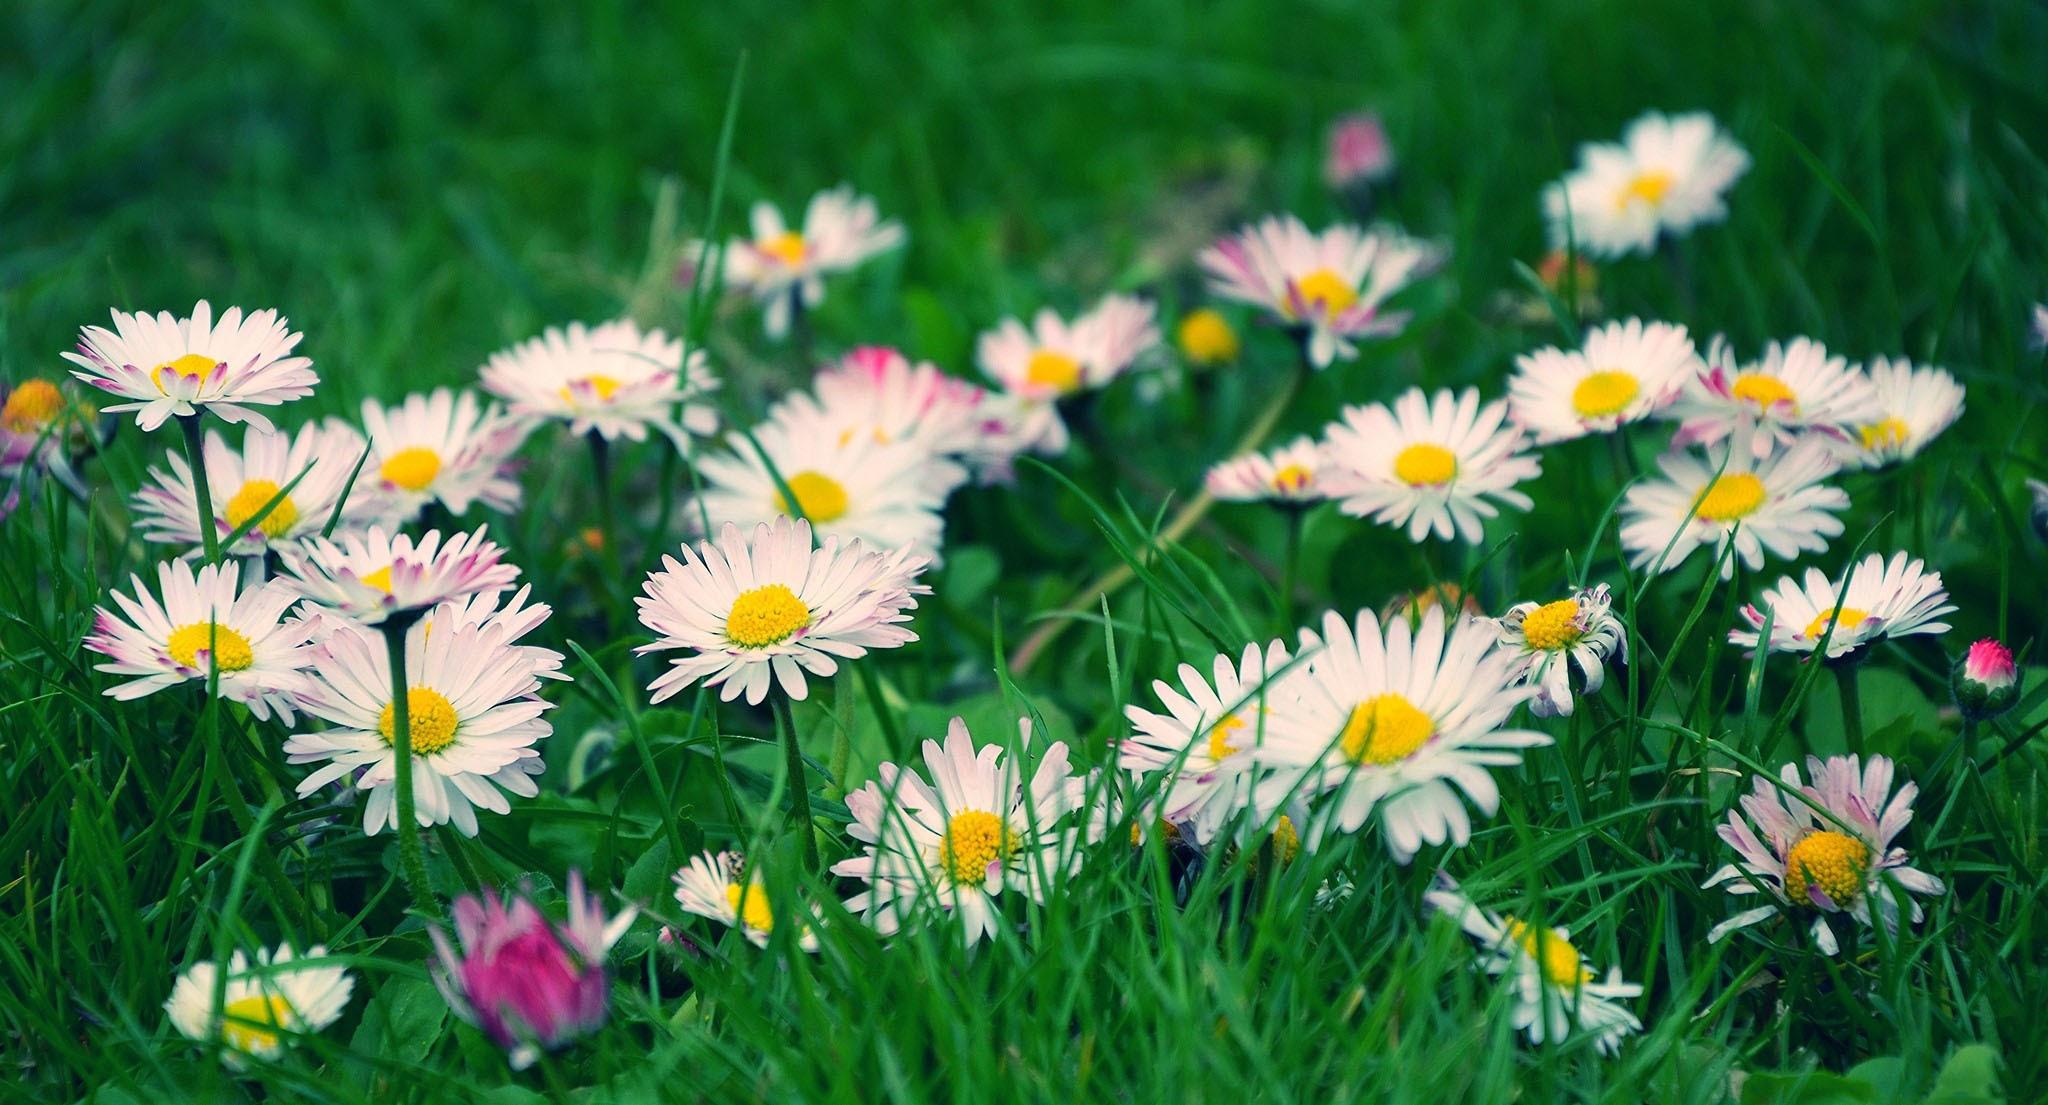 Обои на раб стол полевые цветы